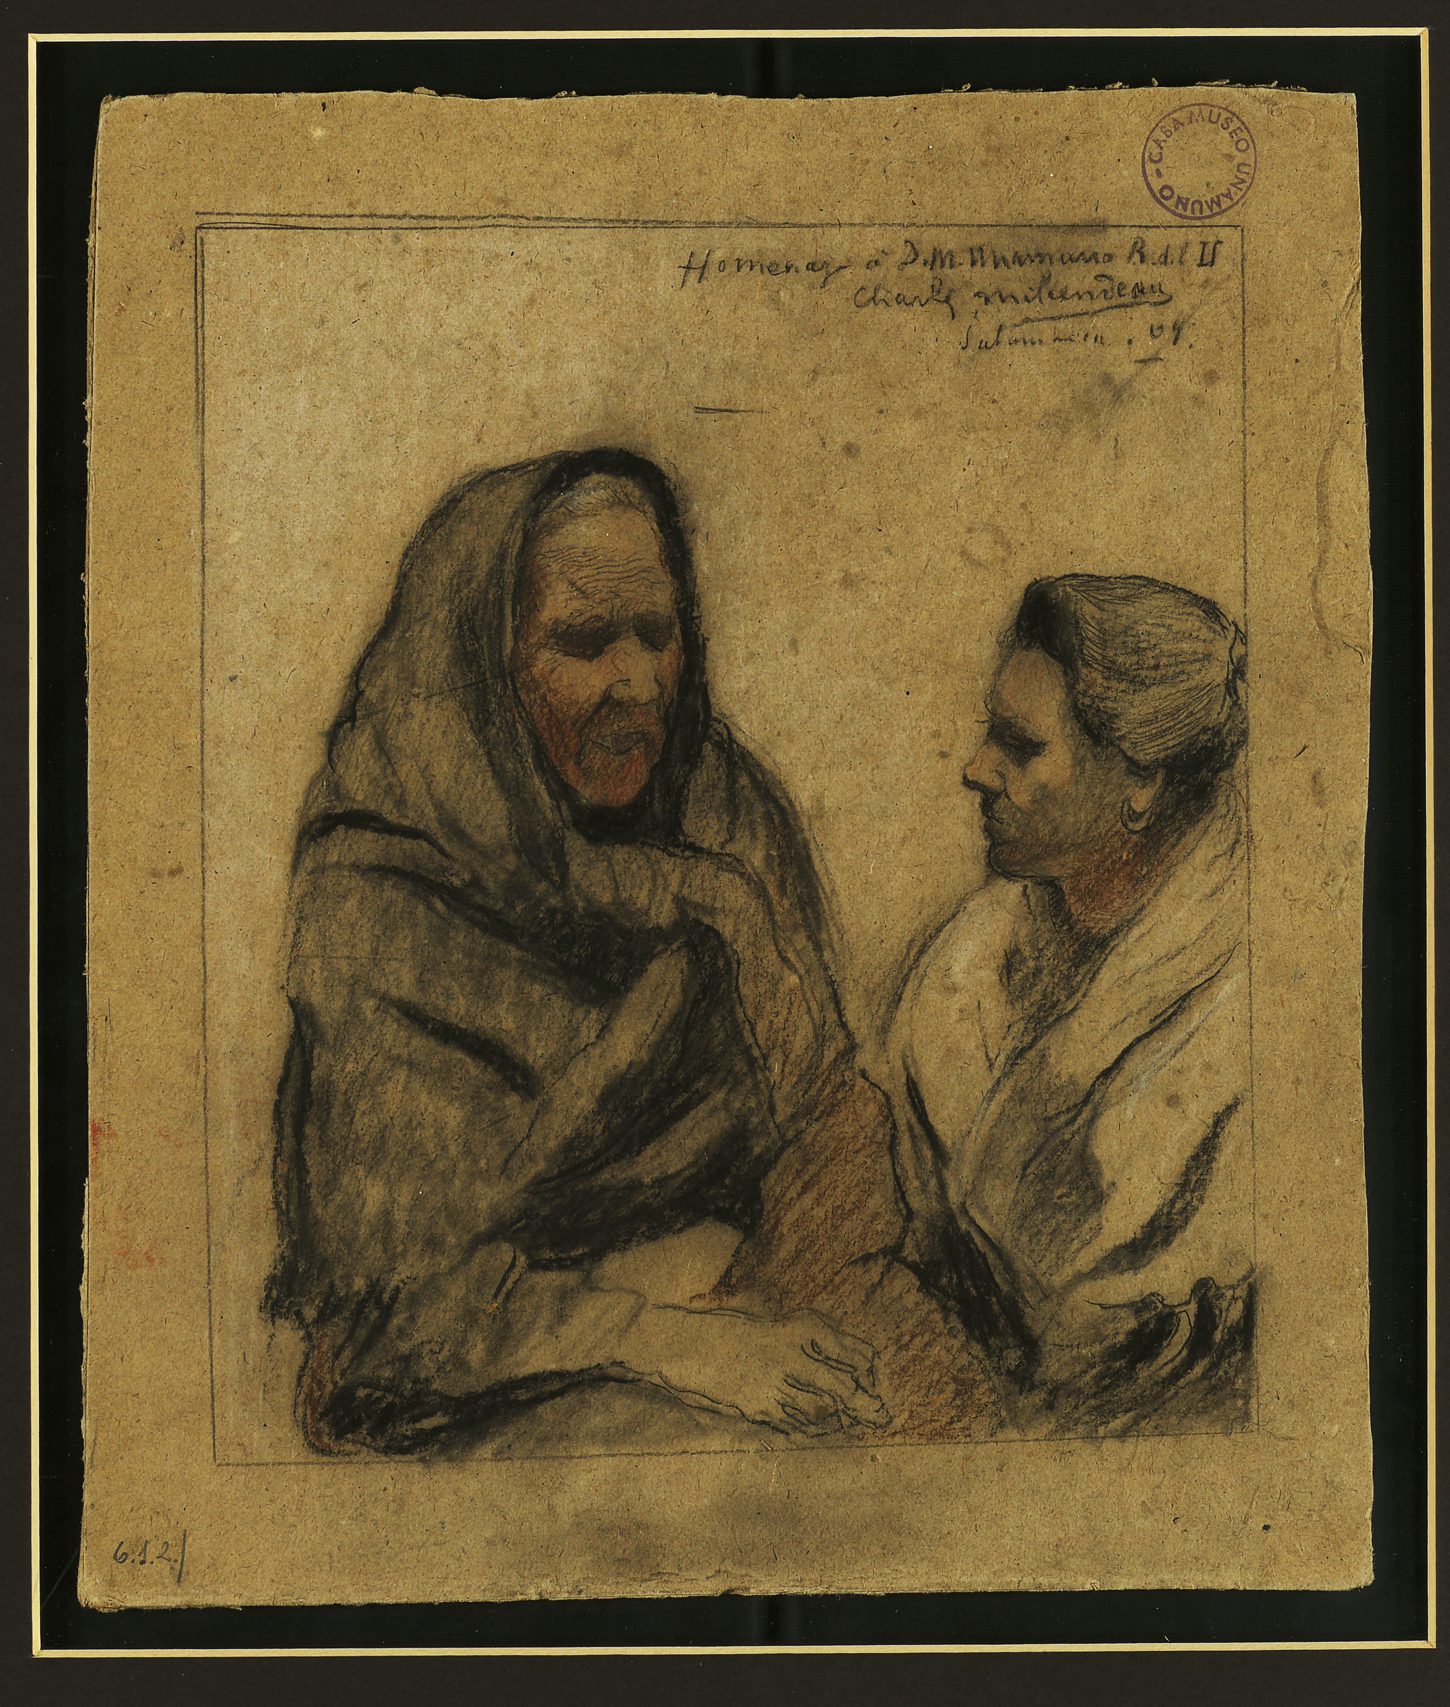 La Casa-Museo Unamuno presta dos cartas y un dibujo para la exposición retrospectiva del pintor francés Charles Milcendeau